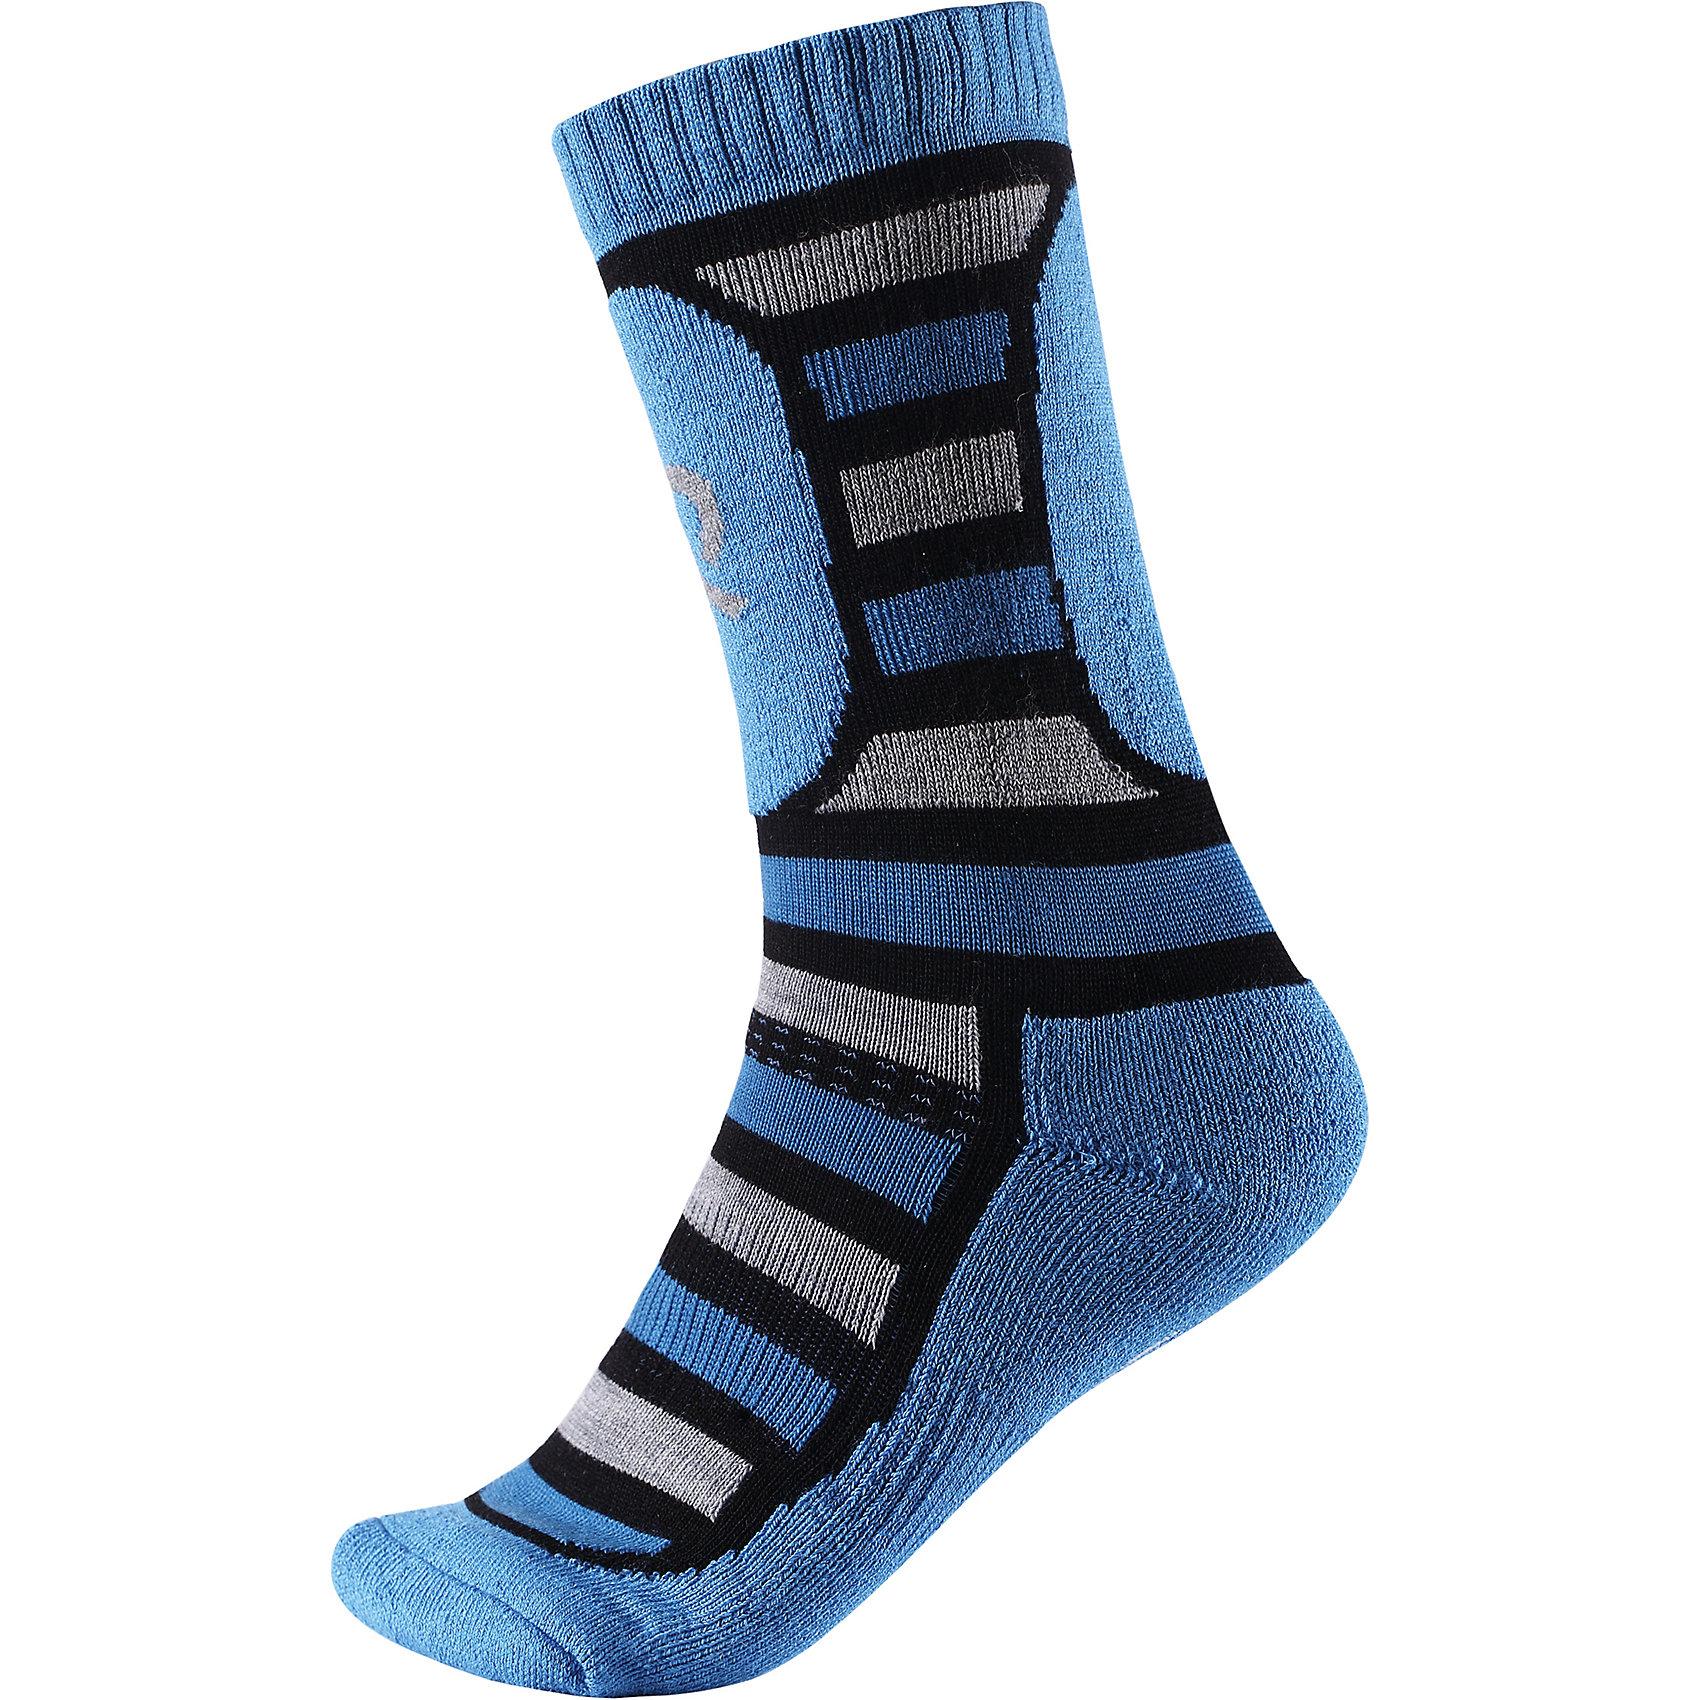 Носки Reima Stork ThermoliteНоски<br>Характеристики товара:<br><br>• цвет: синий;<br>• состав: 40% шерсть, 36% полиэстер thermolite, 10% полиамид, 12% полиэстер, 2% эластан; <br>• сезон: зима;<br>• мягкий и теплый материал с внутренней стороны для максимального комфорта;<br>• усиленные накладки на ступнях, лодыжках и больших пальцах;<br>• быстро сохнут и сохраняют тепло;<br>• материал Thermolite для интенсивной физической активности;<br>• страна бренда: Финляндия;<br>• страна изготовитель: Китай;<br><br>Носки из шерсти Thermolite® для детей и подростков готовы к действию! Смесь шерсти и материала Thermolite® в холодную погоду гарантирует максимальный комфорт и тепло. Мериносовая шерсть согреет ножки, а Thermolite® отлично подходит для интенсивных физических нагрузок. Изнанка с мягким эластичным ворсом очень приятна на ощупь. Усиления на стопе, пятке и носке.<br><br>Носки Stork Thermolite Reima (Рейма) можно купить в нашем интернет-магазине.<br><br>Ширина мм: 87<br>Глубина мм: 10<br>Высота мм: 105<br>Вес г: 115<br>Цвет: синий<br>Возраст от месяцев: 168<br>Возраст до месяцев: 1188<br>Пол: Унисекс<br>Возраст: Детский<br>Размер: 38-41,30-33,34-37<br>SKU: 6906564